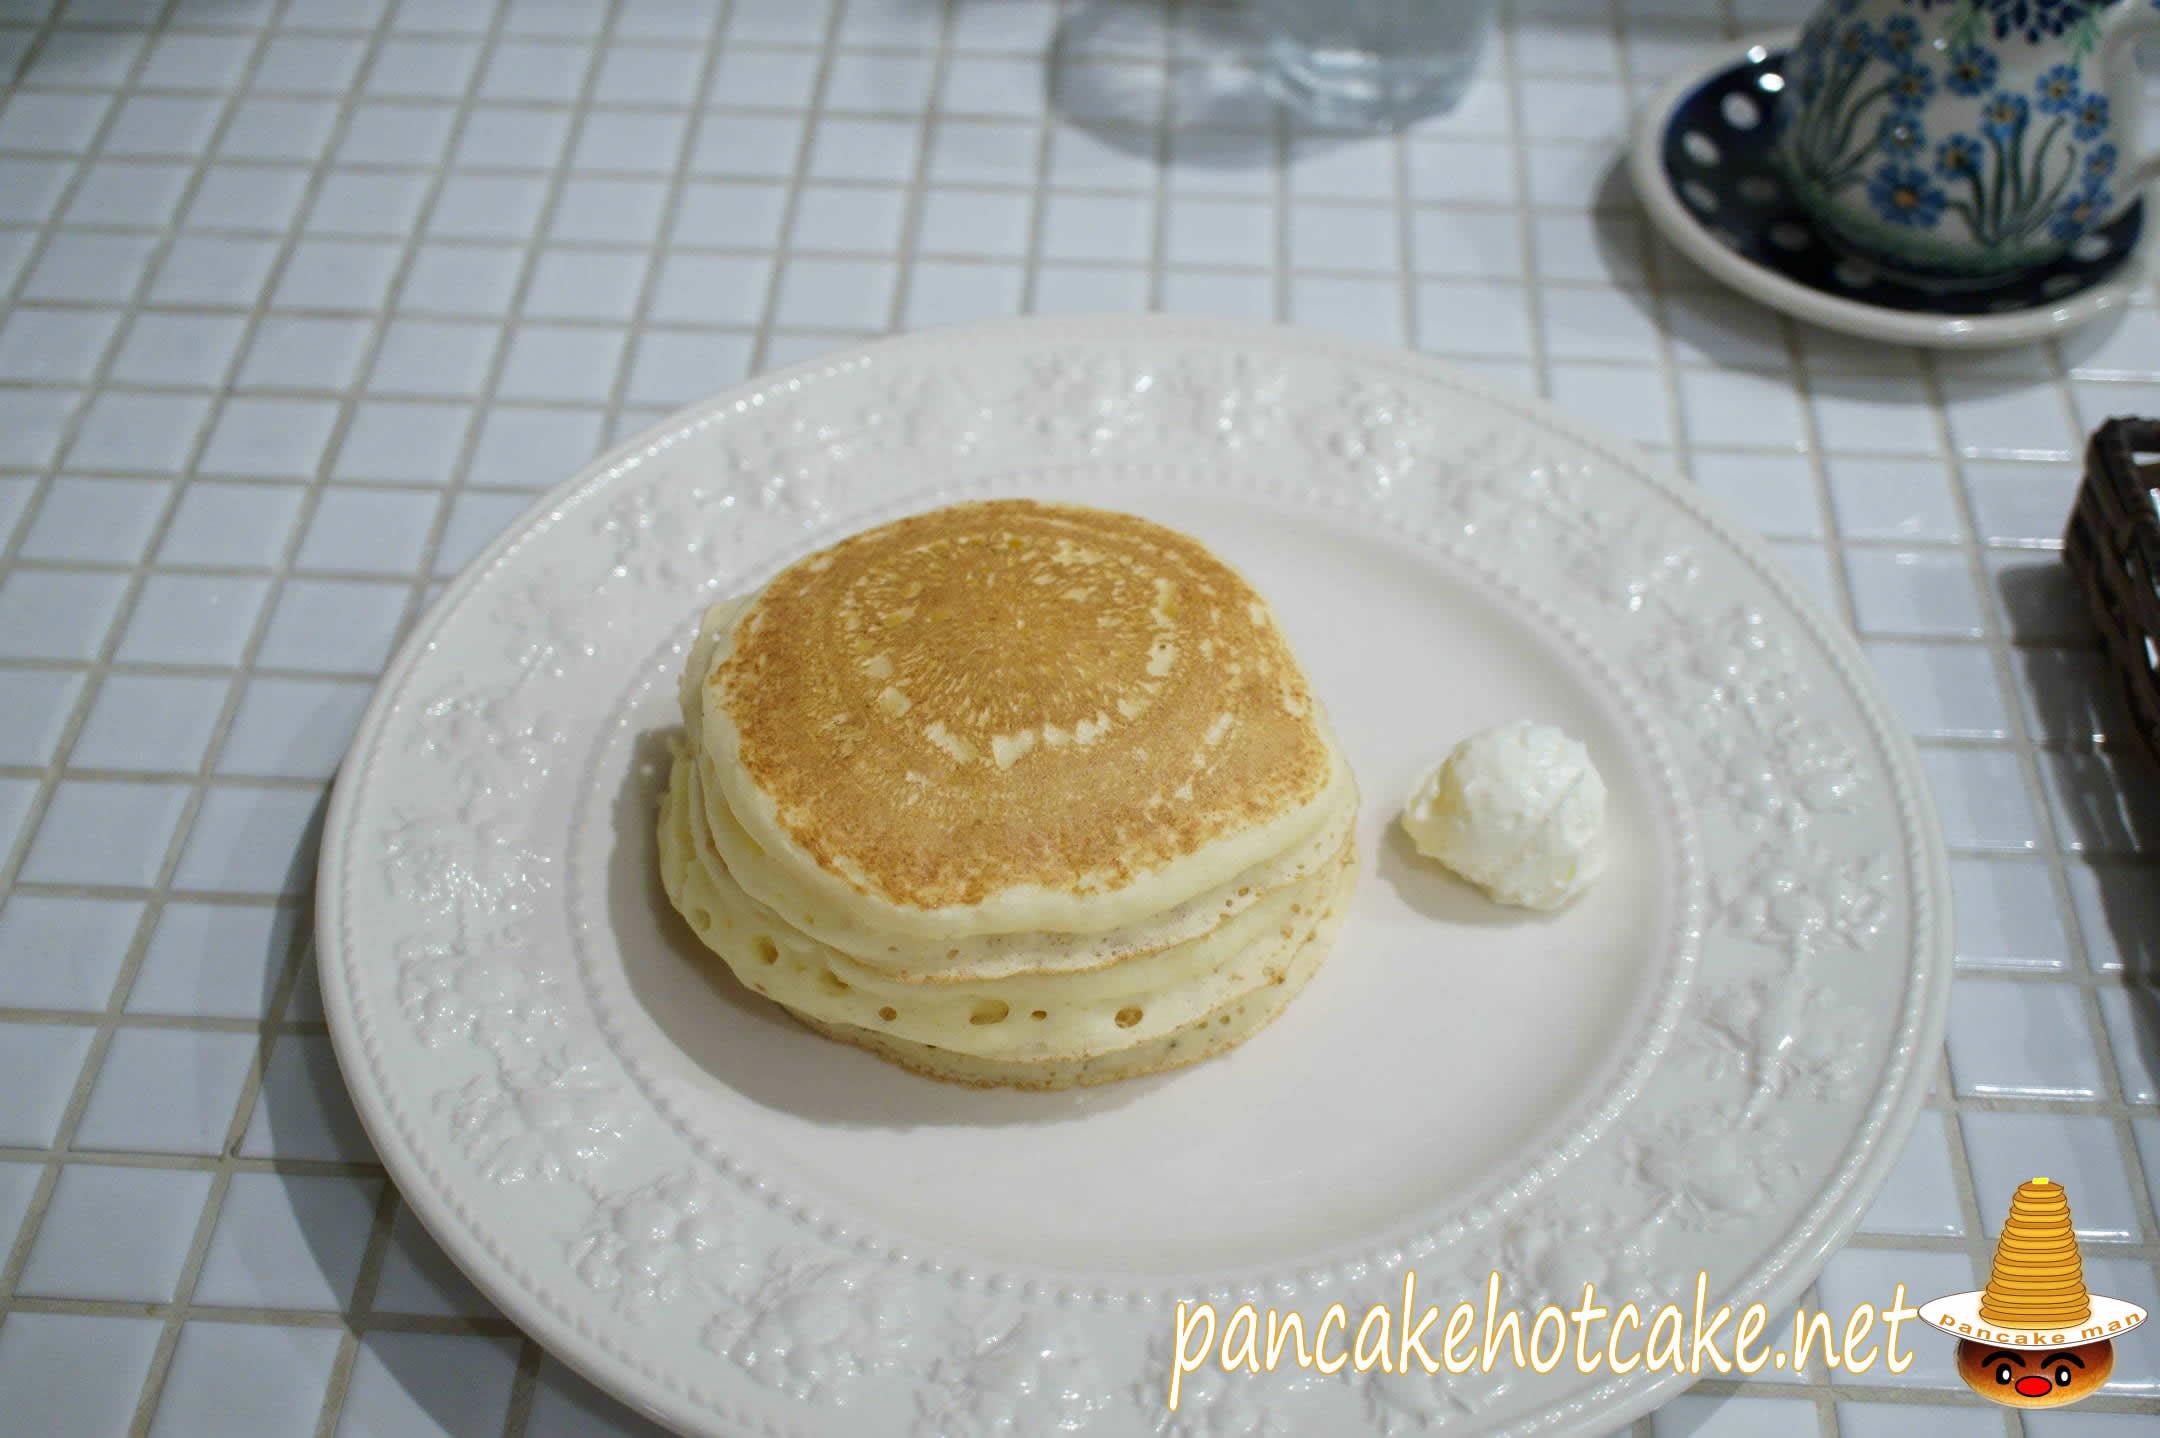 プレーン バターミルク パンケーキ(アンジーAngite)神戸/元町